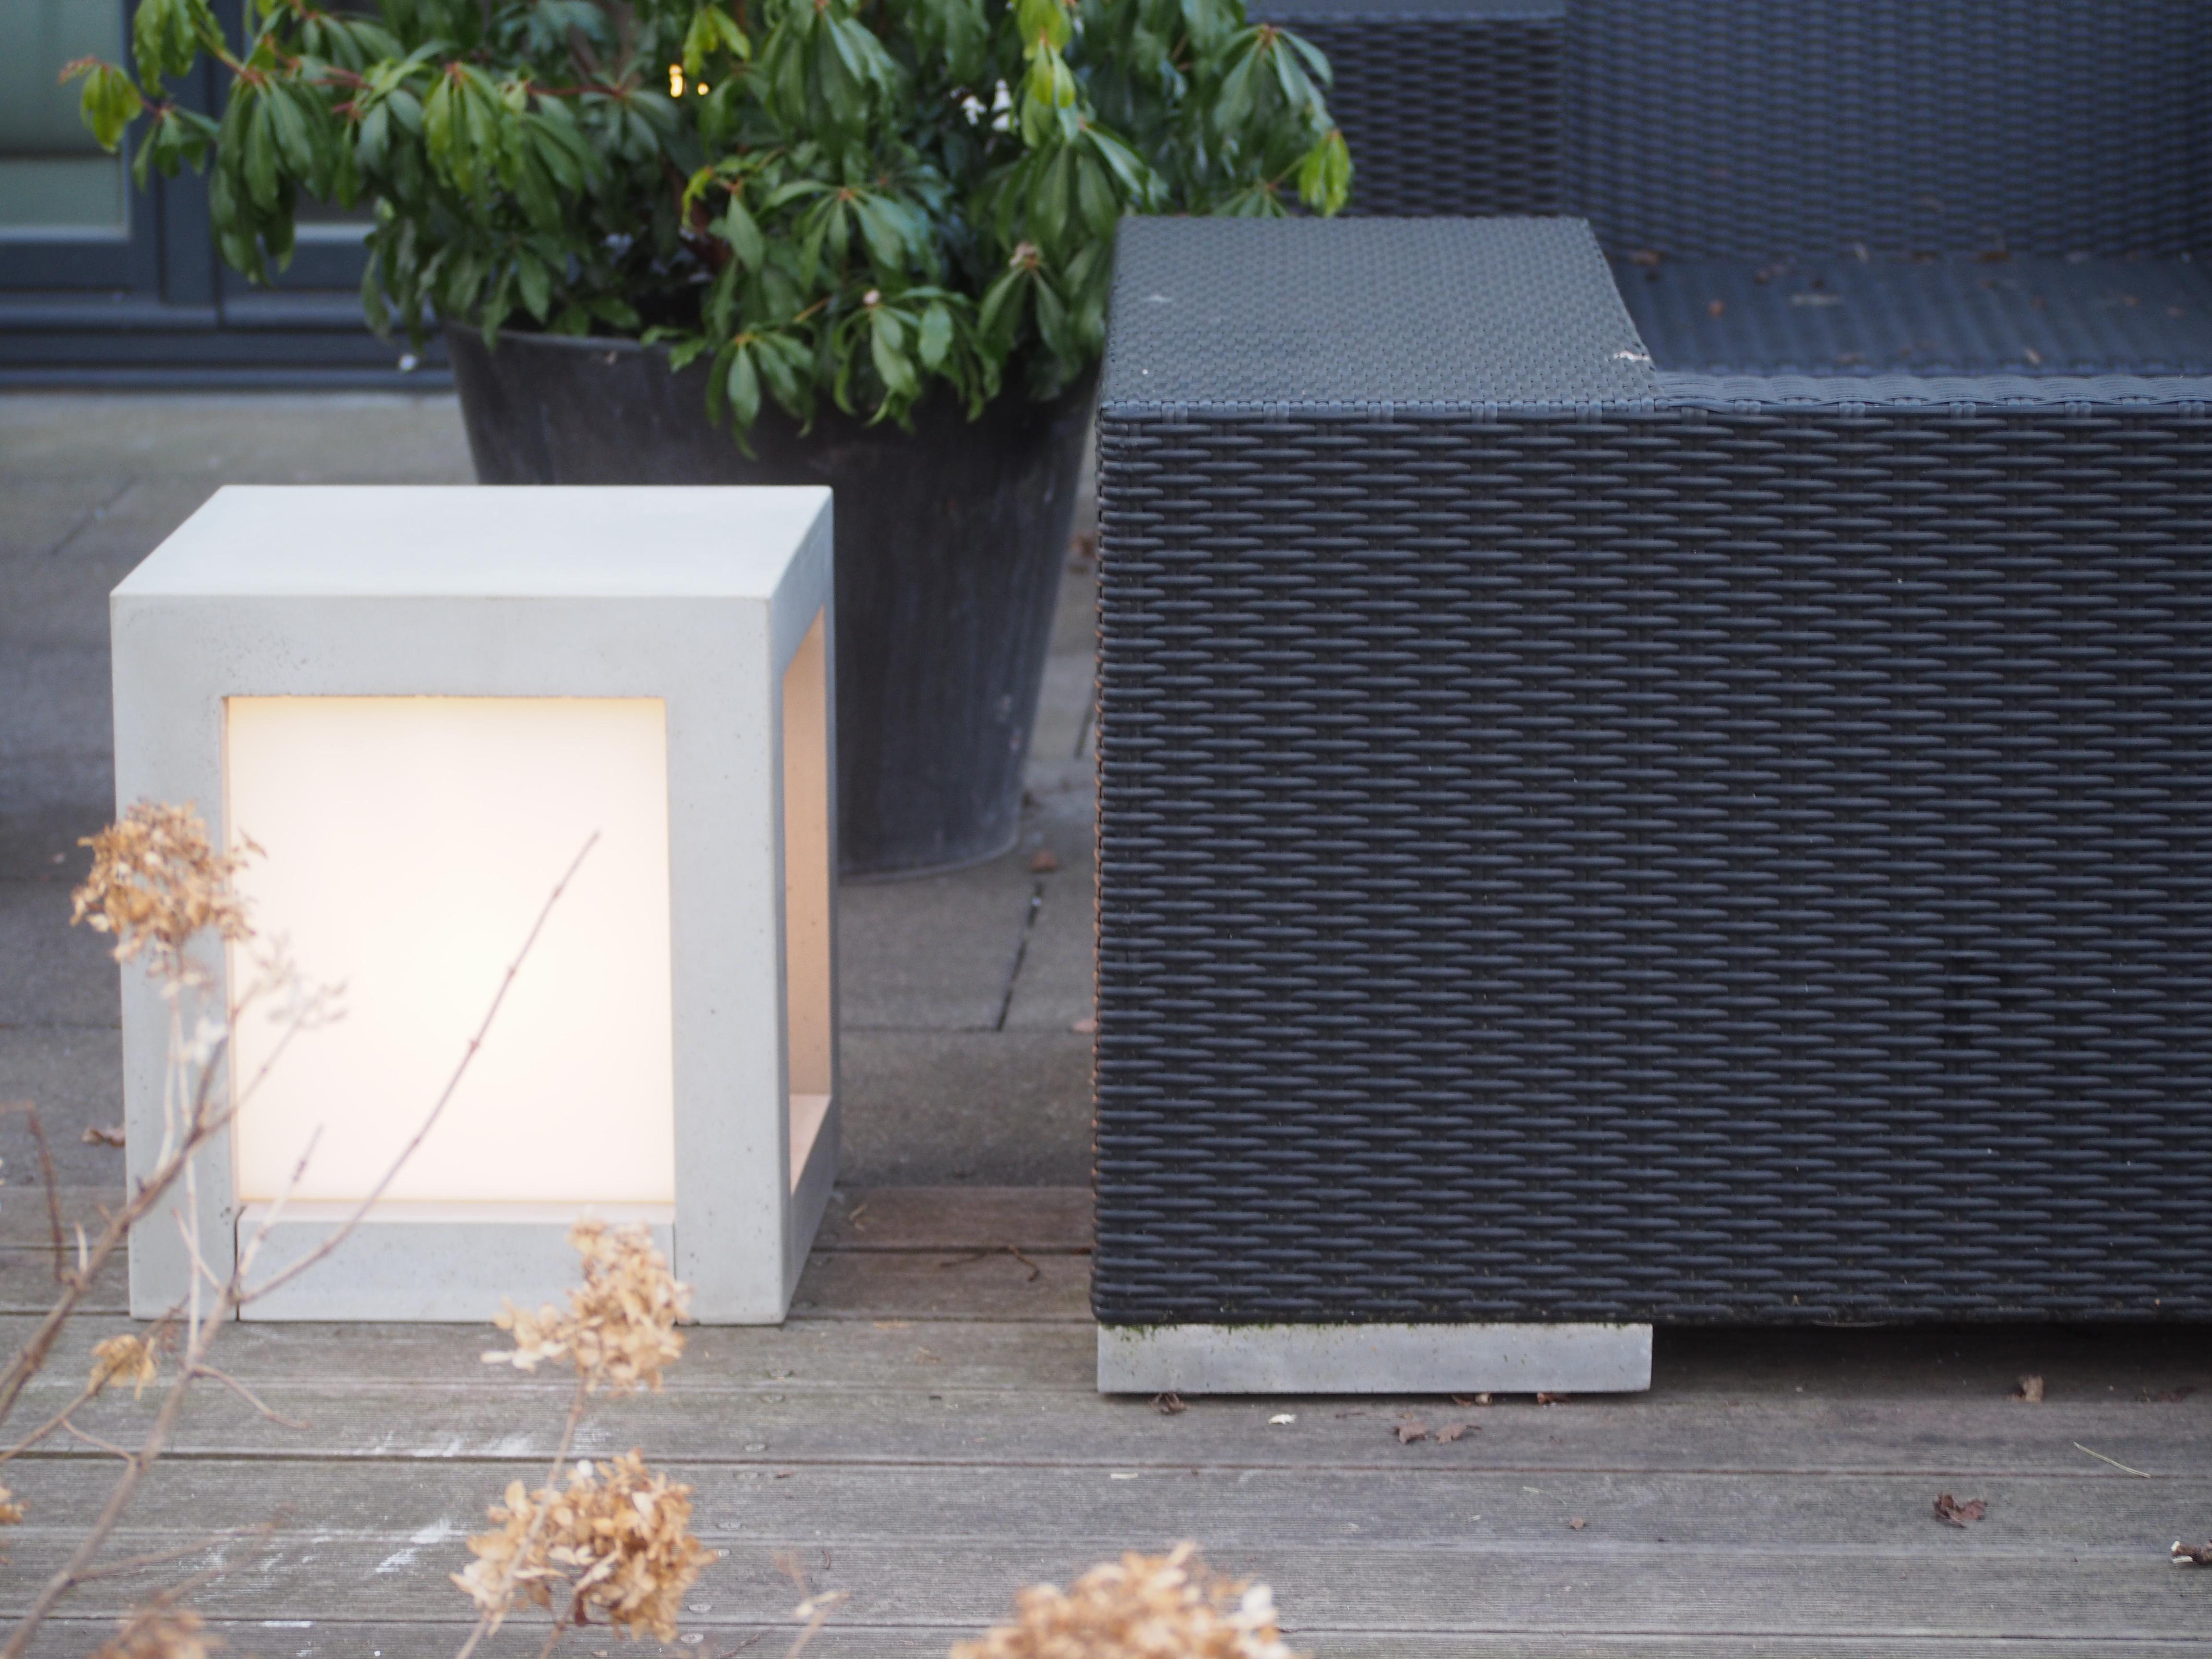 Hochwertig Lichtwürfel Für Innen Und Außen #hocker #betonmöbel ©Foto Betoniu GmbH